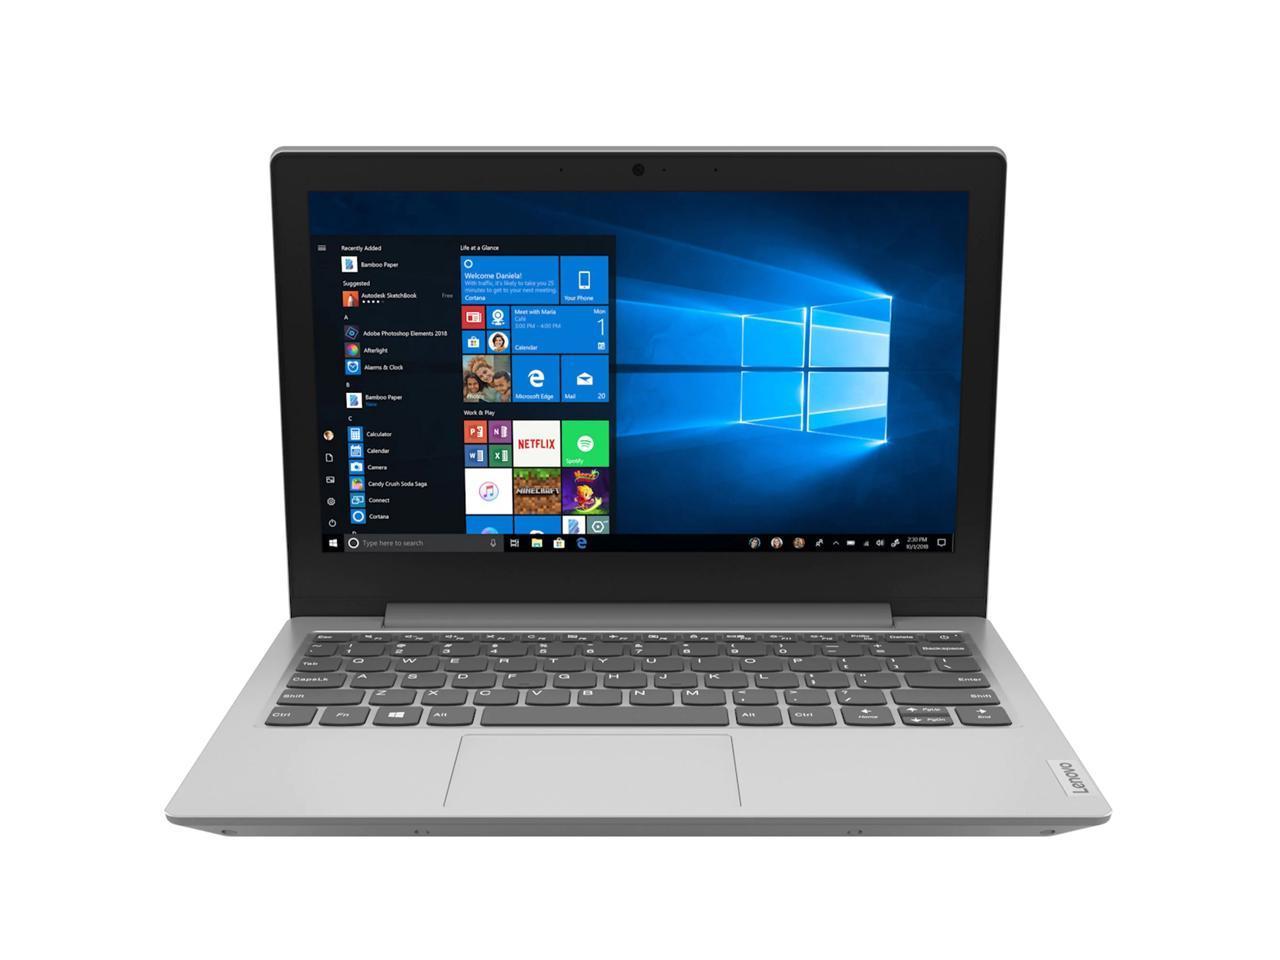 Newegg: Lenovo IdeaPad 1 Laptop @ 9.99 + Free Shipping